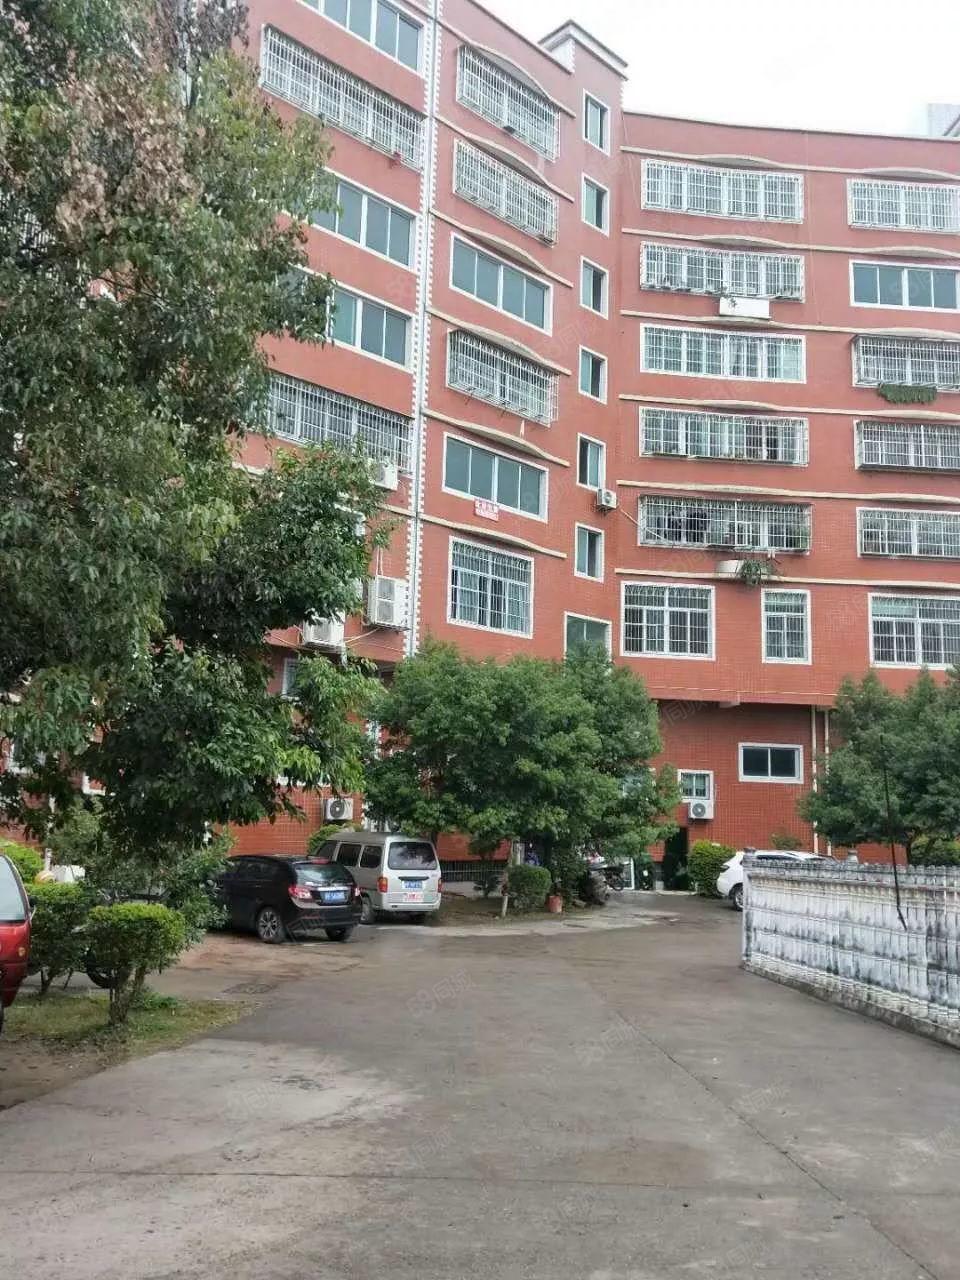 新城花园套房出售,两证齐全,毛坯房,自由装修设计使用。